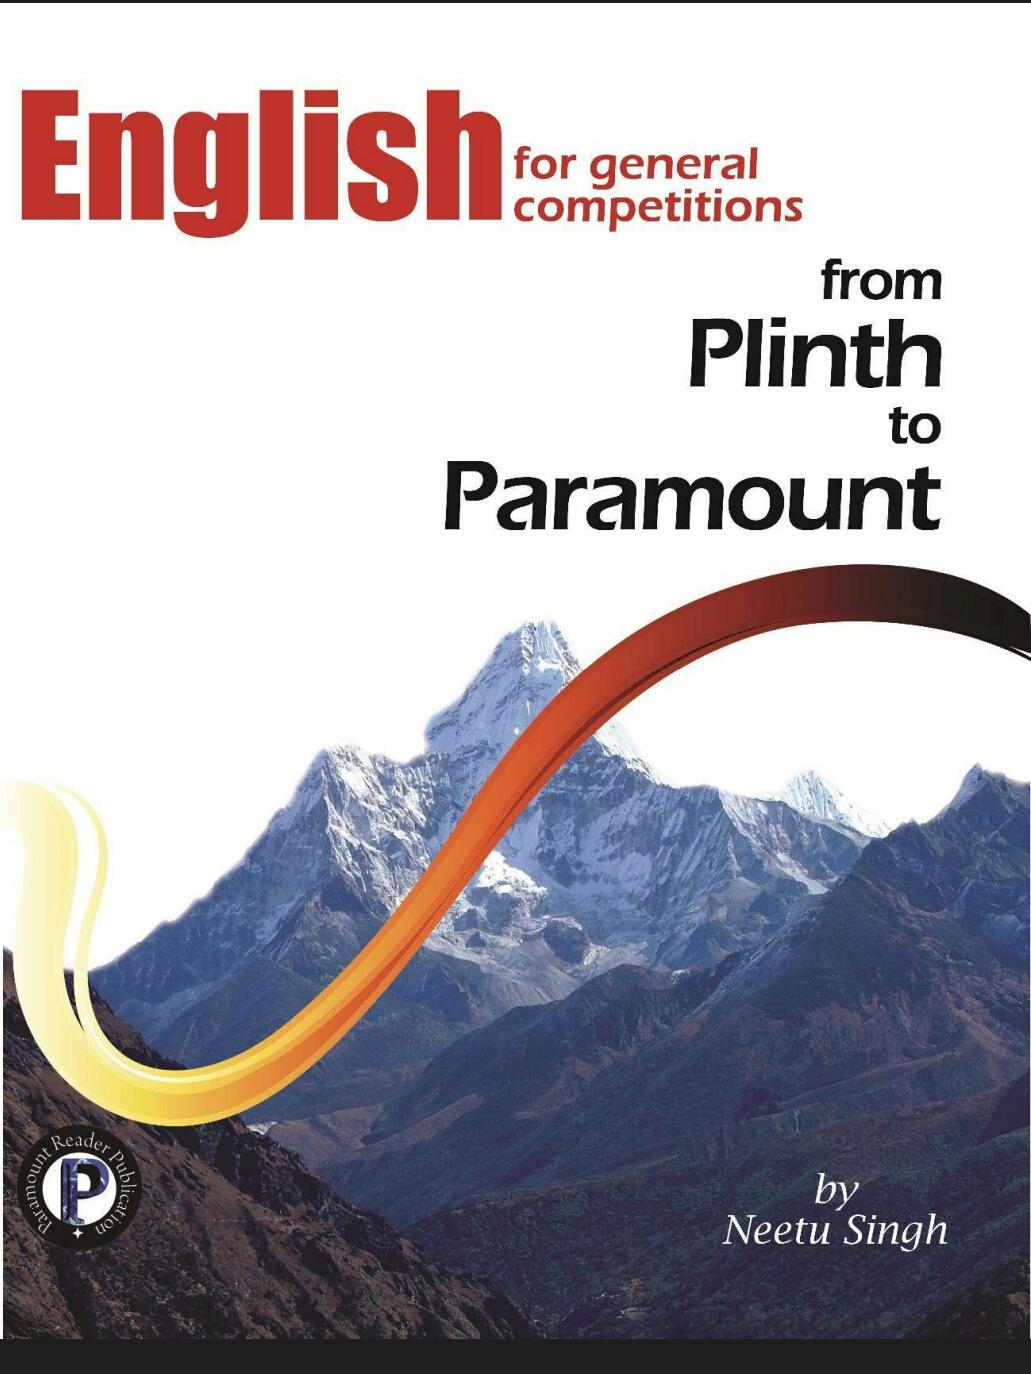 plinth to paramount english book pdf free download in hindi